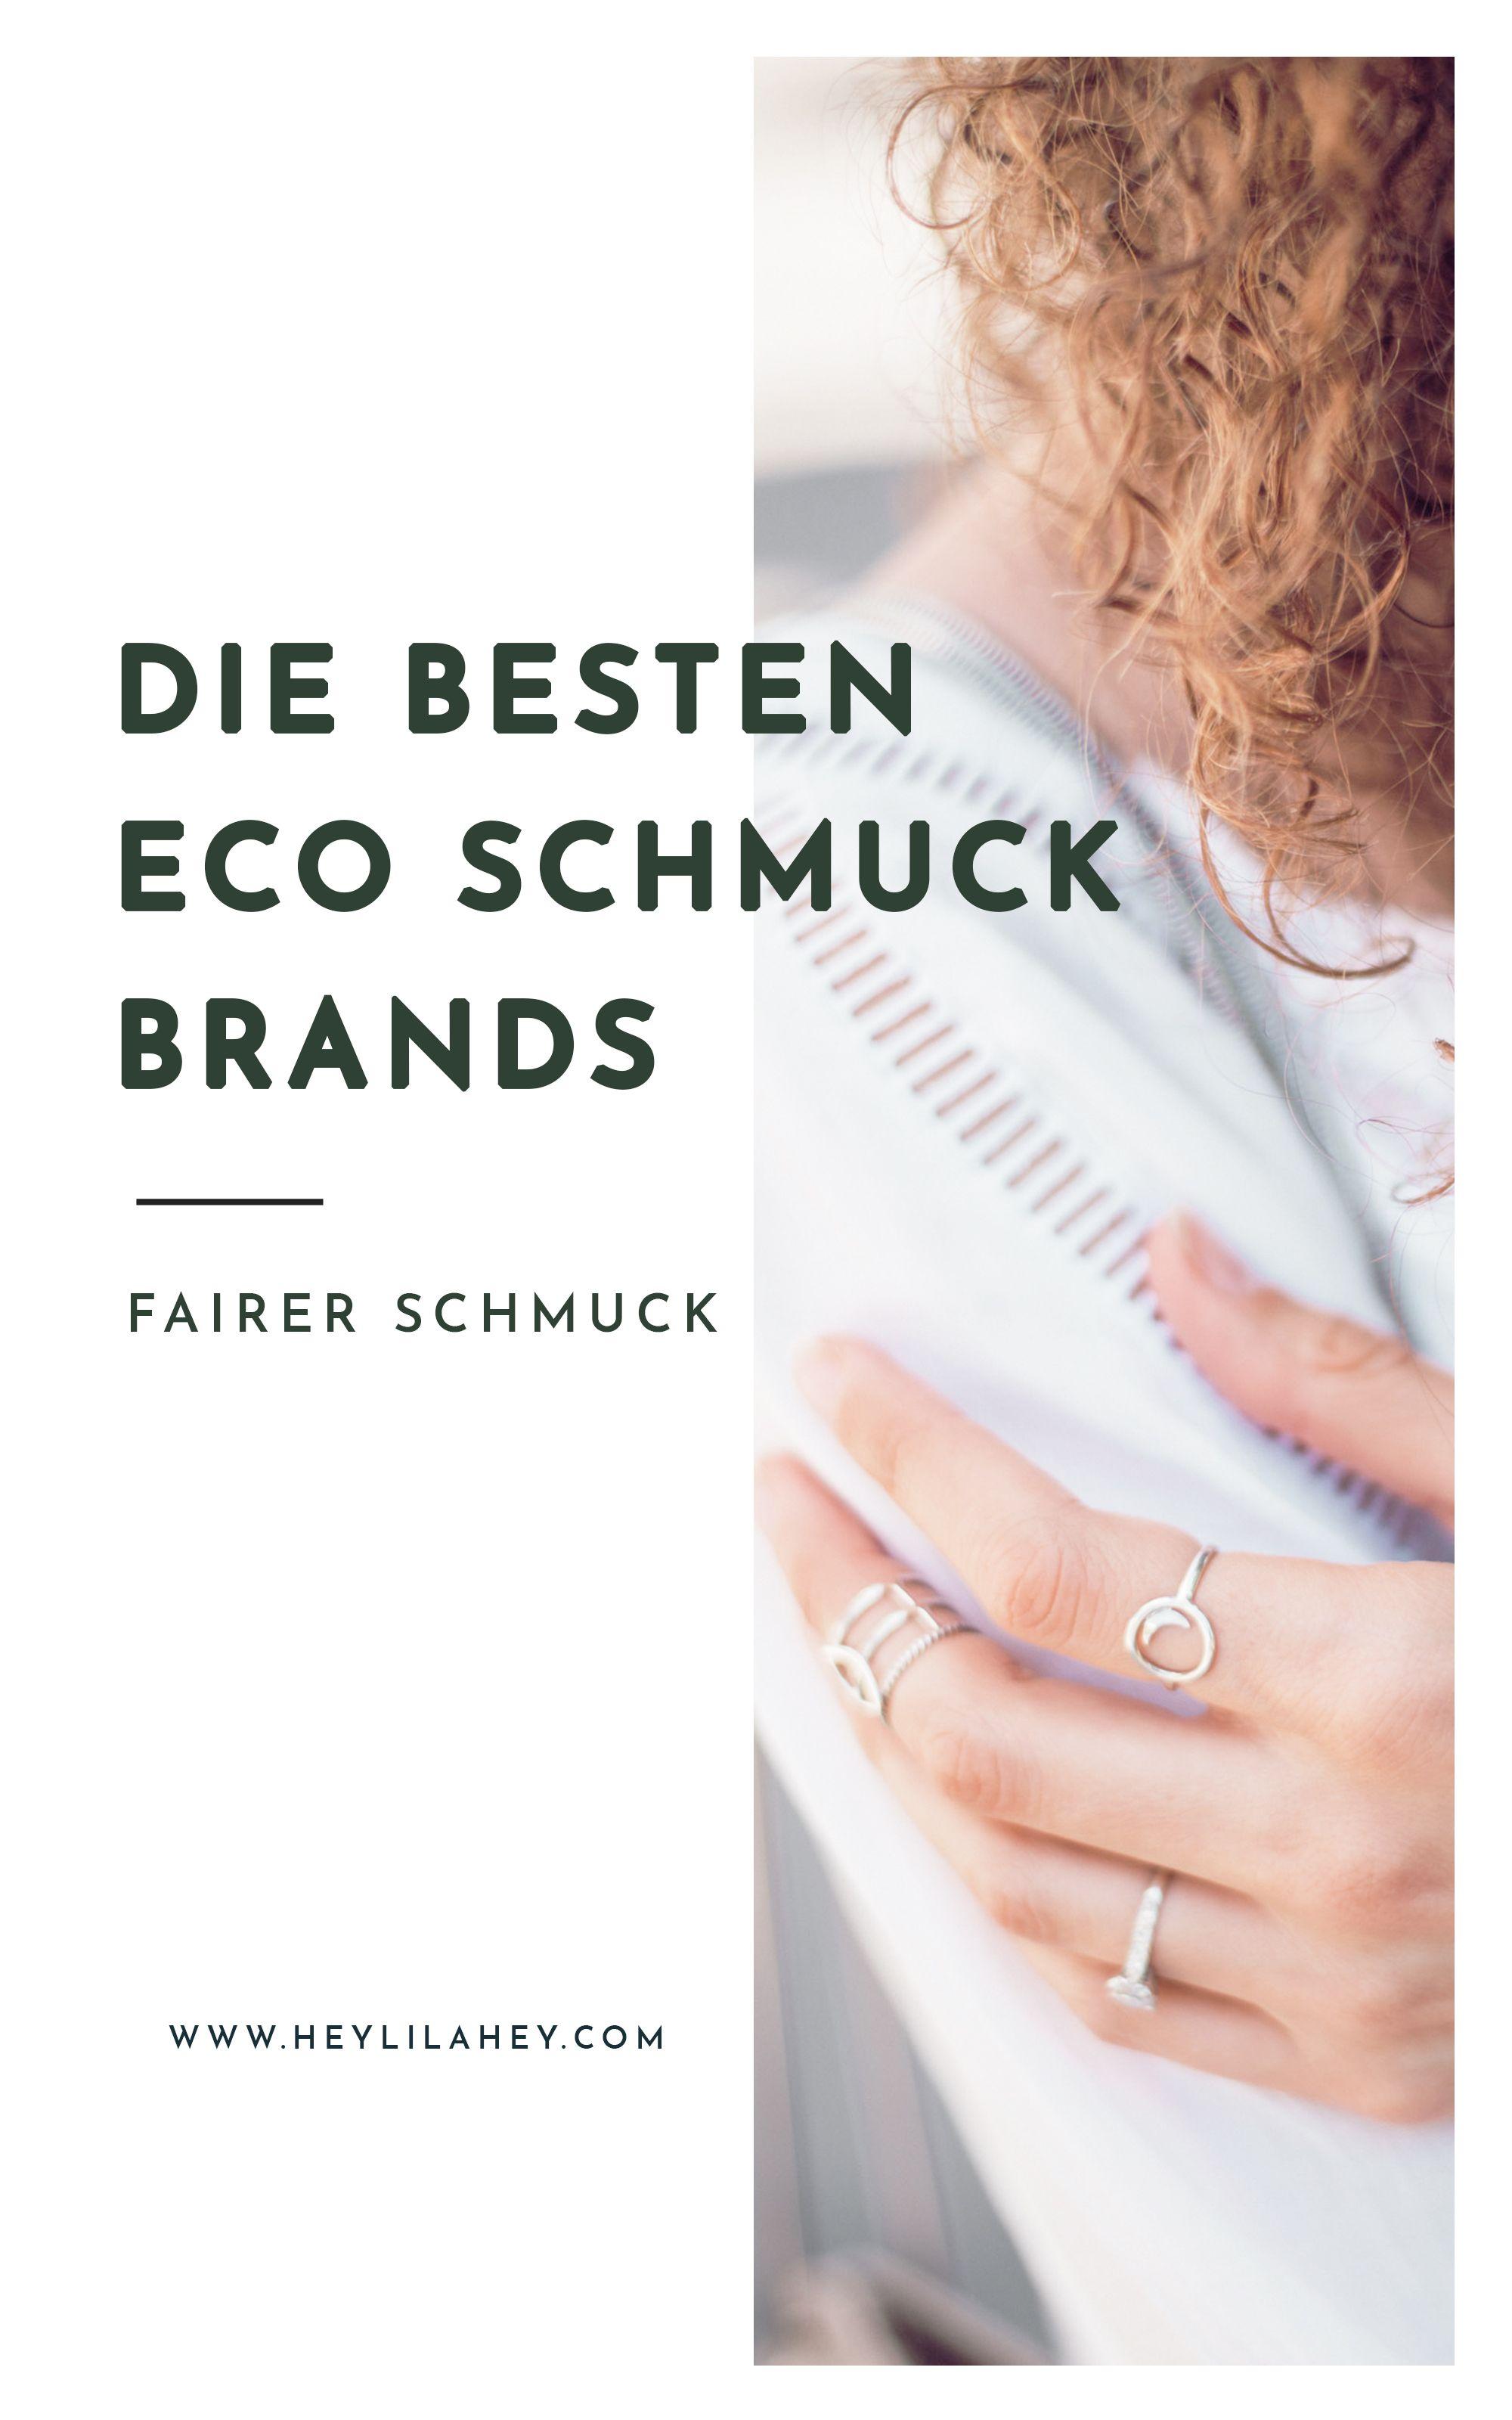 Photo of Fairer Schmuck Shopping Guide